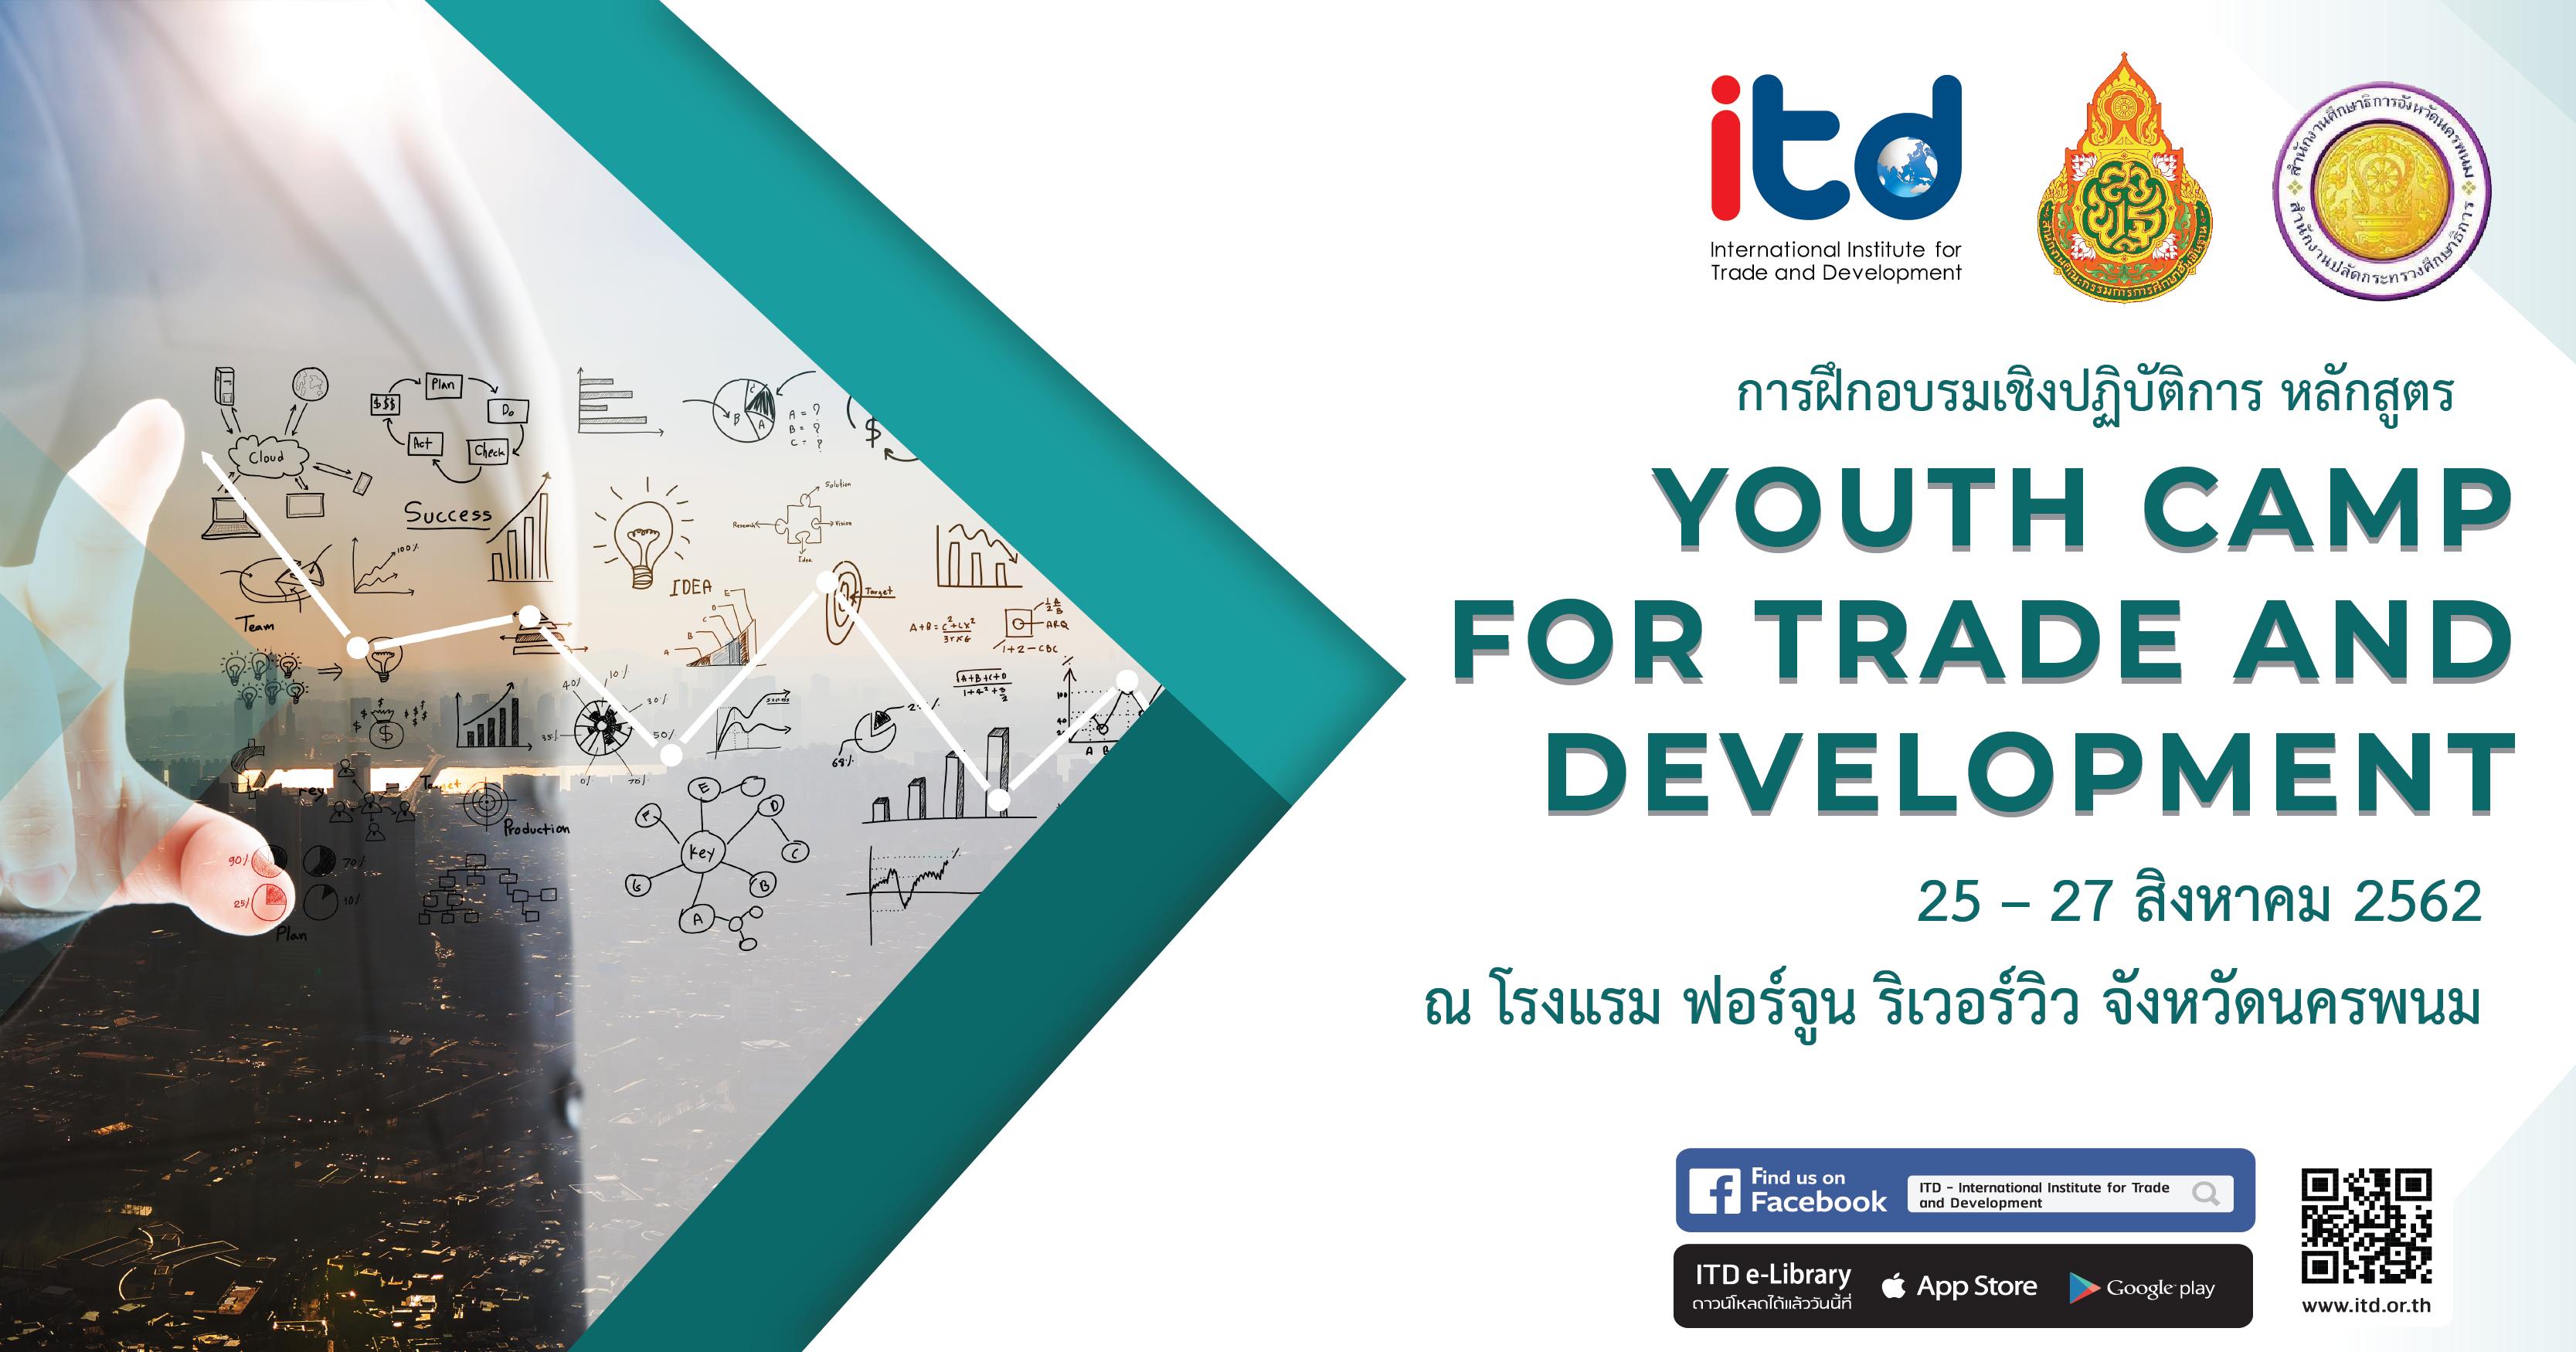 """การฝึกอบรมเชิงปฏิบัติการ หลักสูตร """"Youth Camp for Trade and Development"""""""